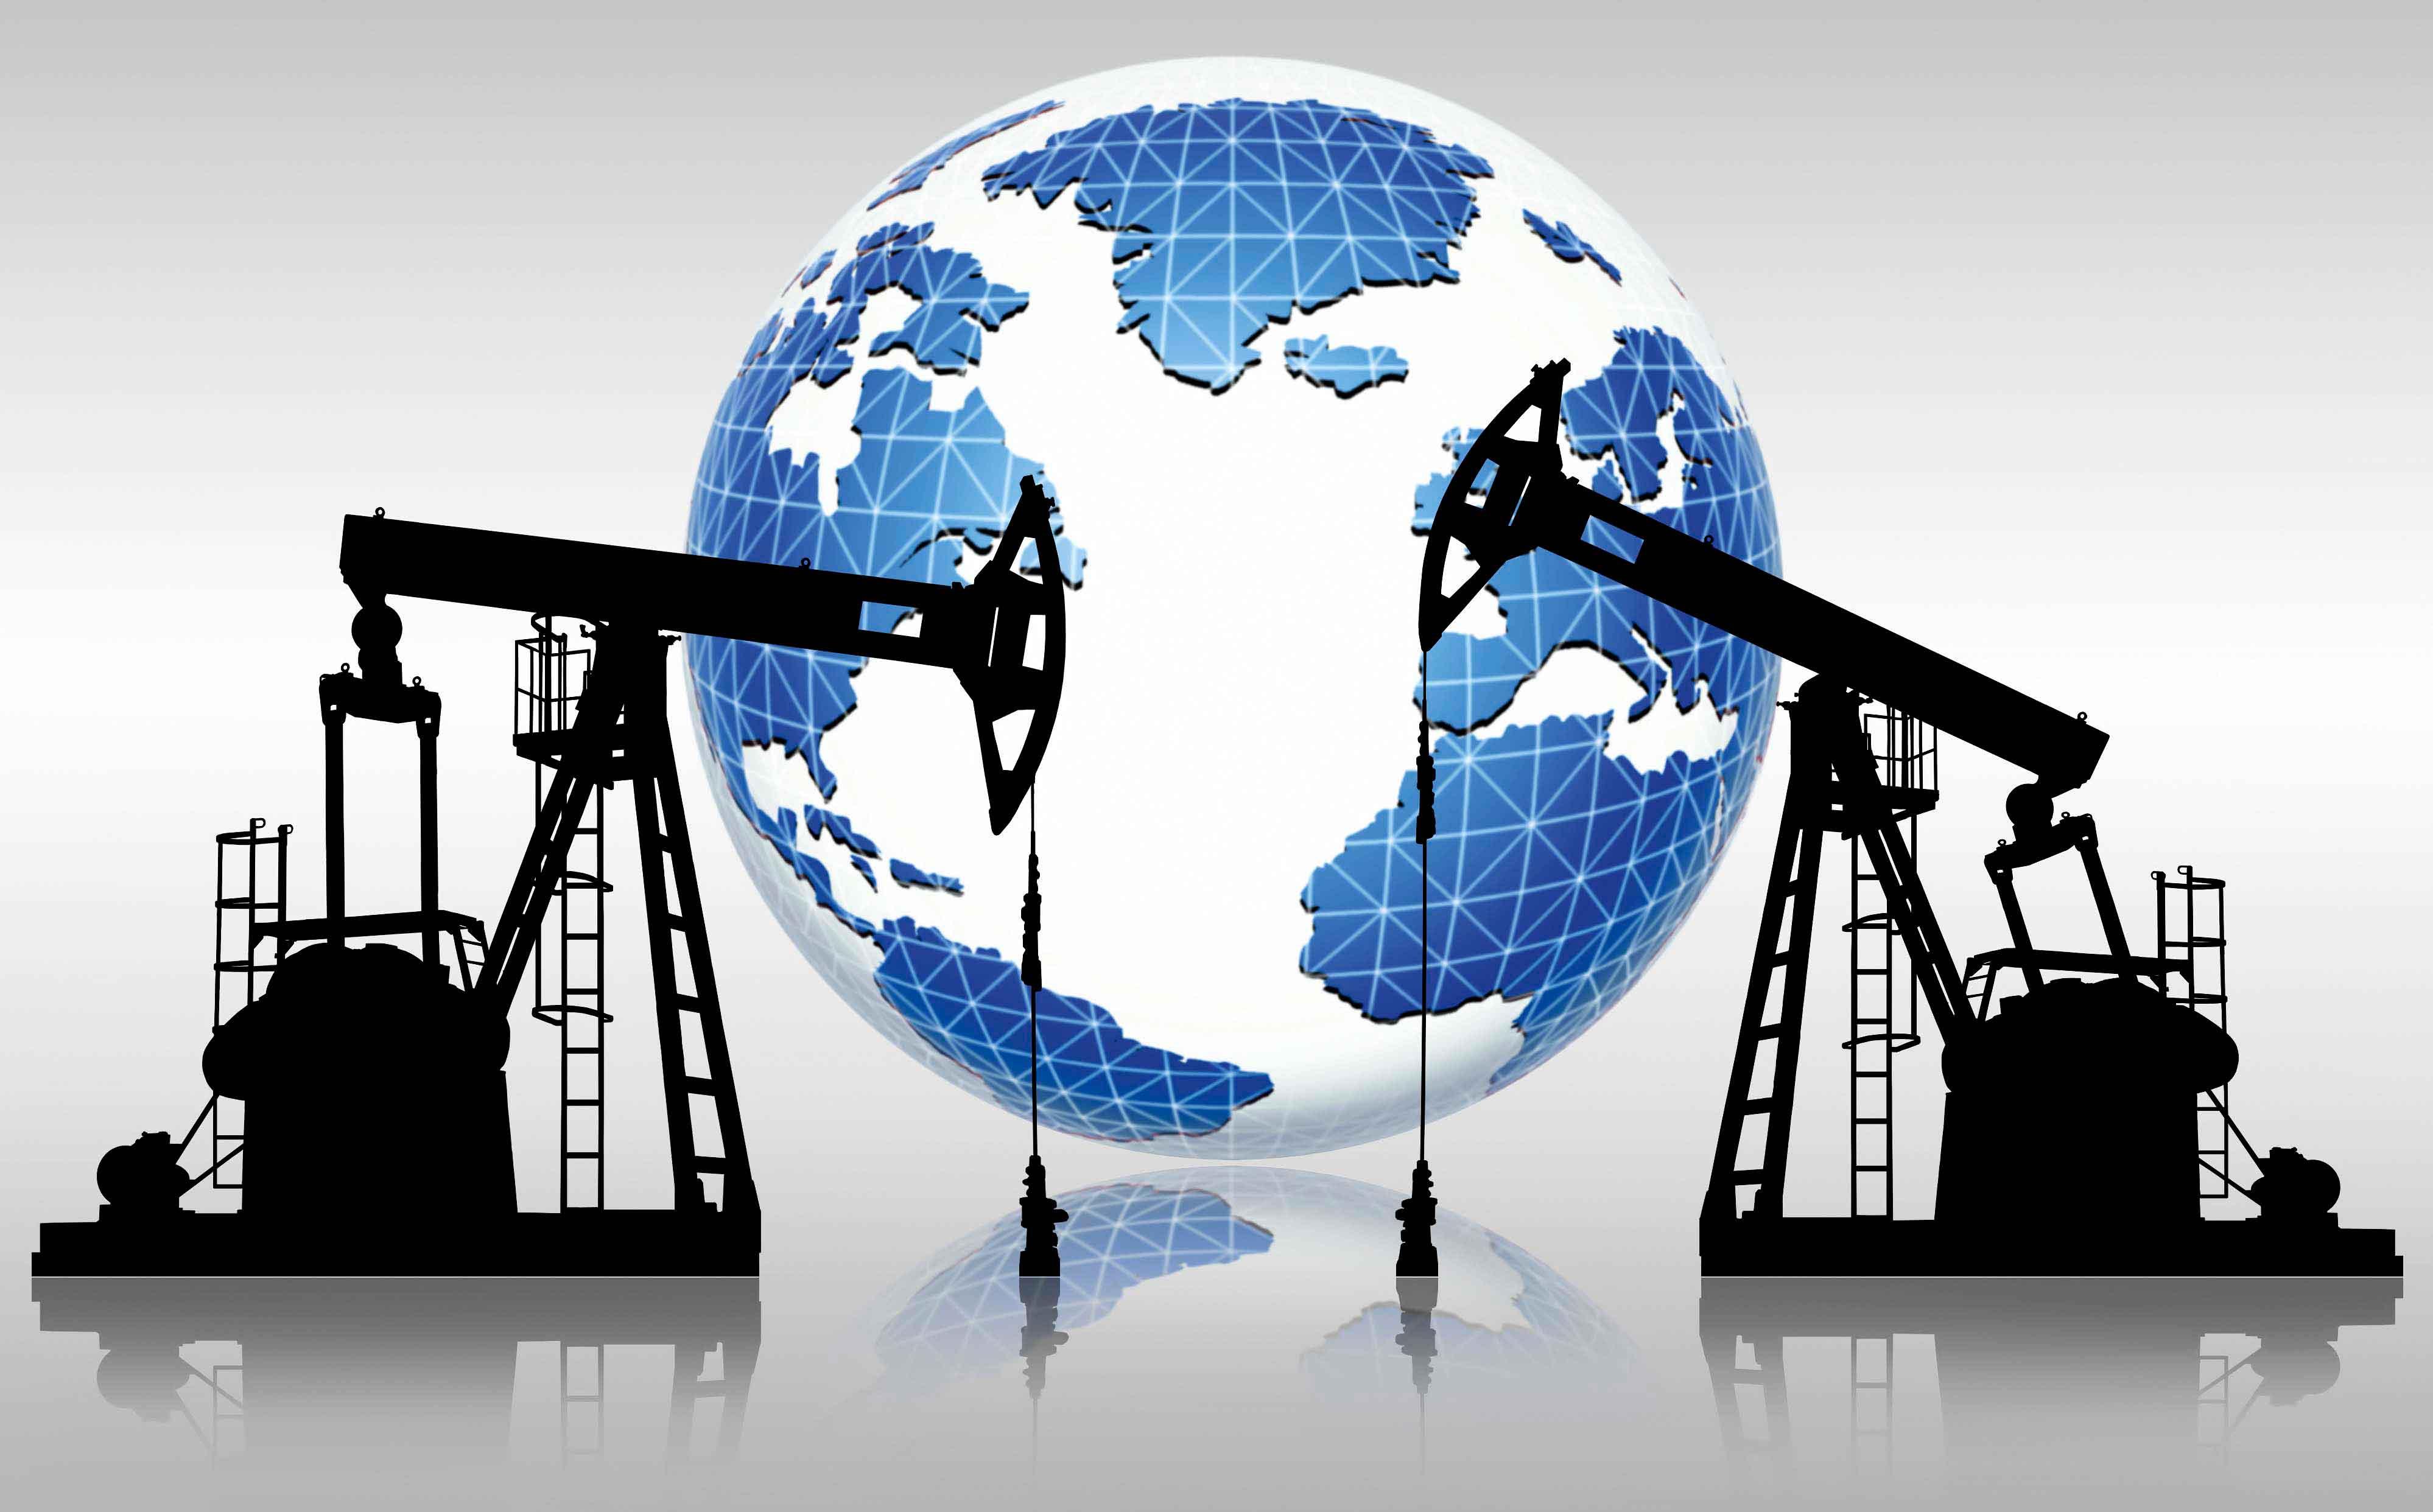 تصريح إيراني بدعم أي خطوه لدعم سوق النفط